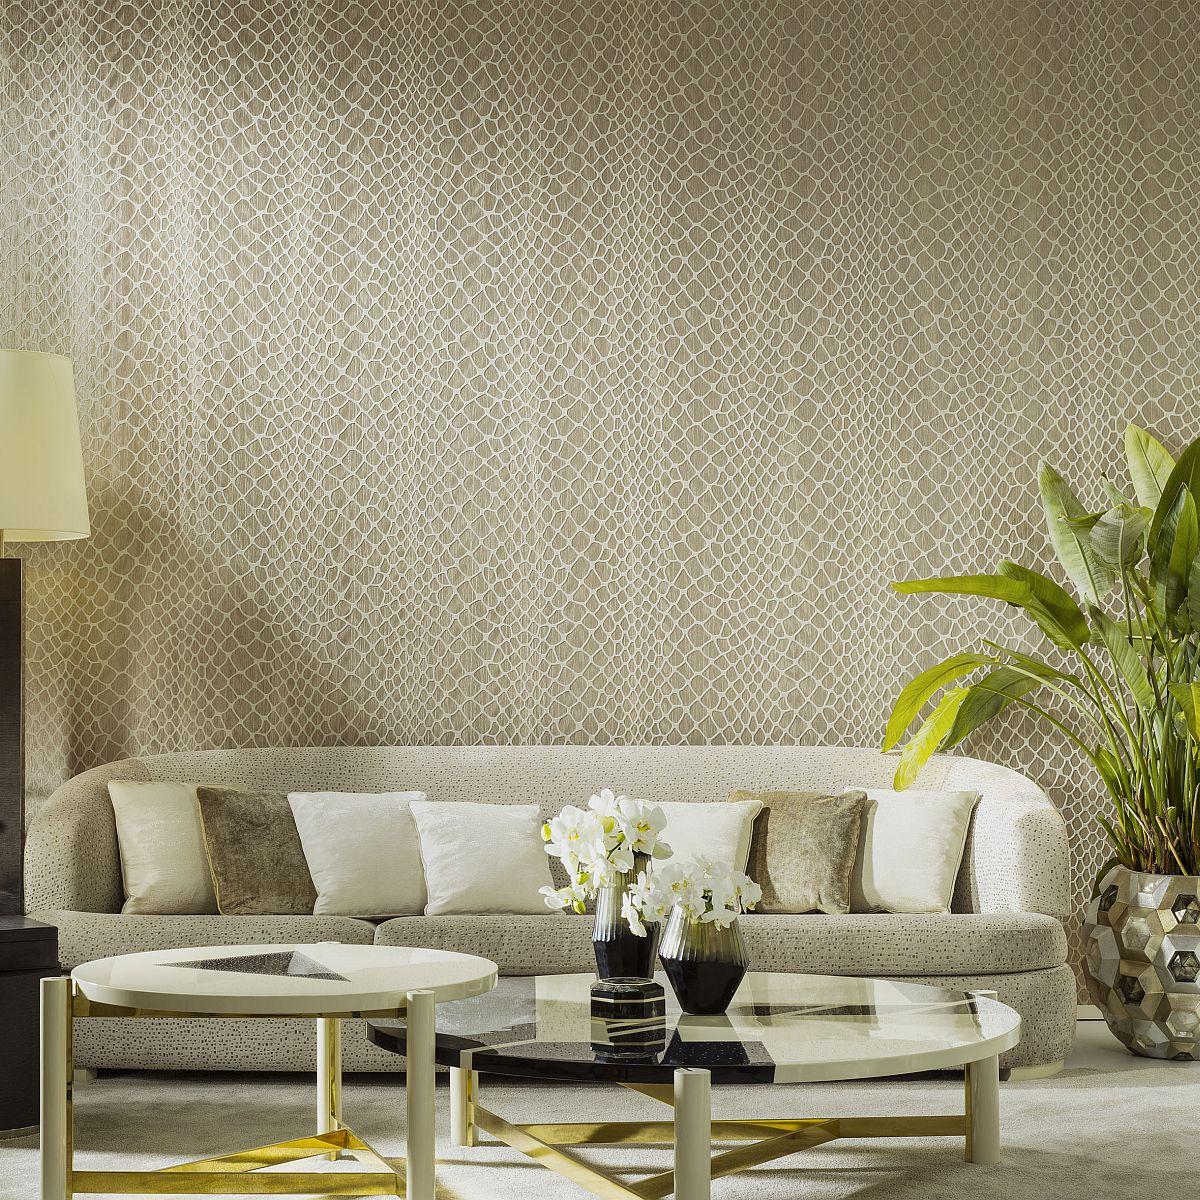 hochwertige tapeten und stoffe tapete mit plisseestoff und velours amazone 2 23580 decowunder. Black Bedroom Furniture Sets. Home Design Ideas